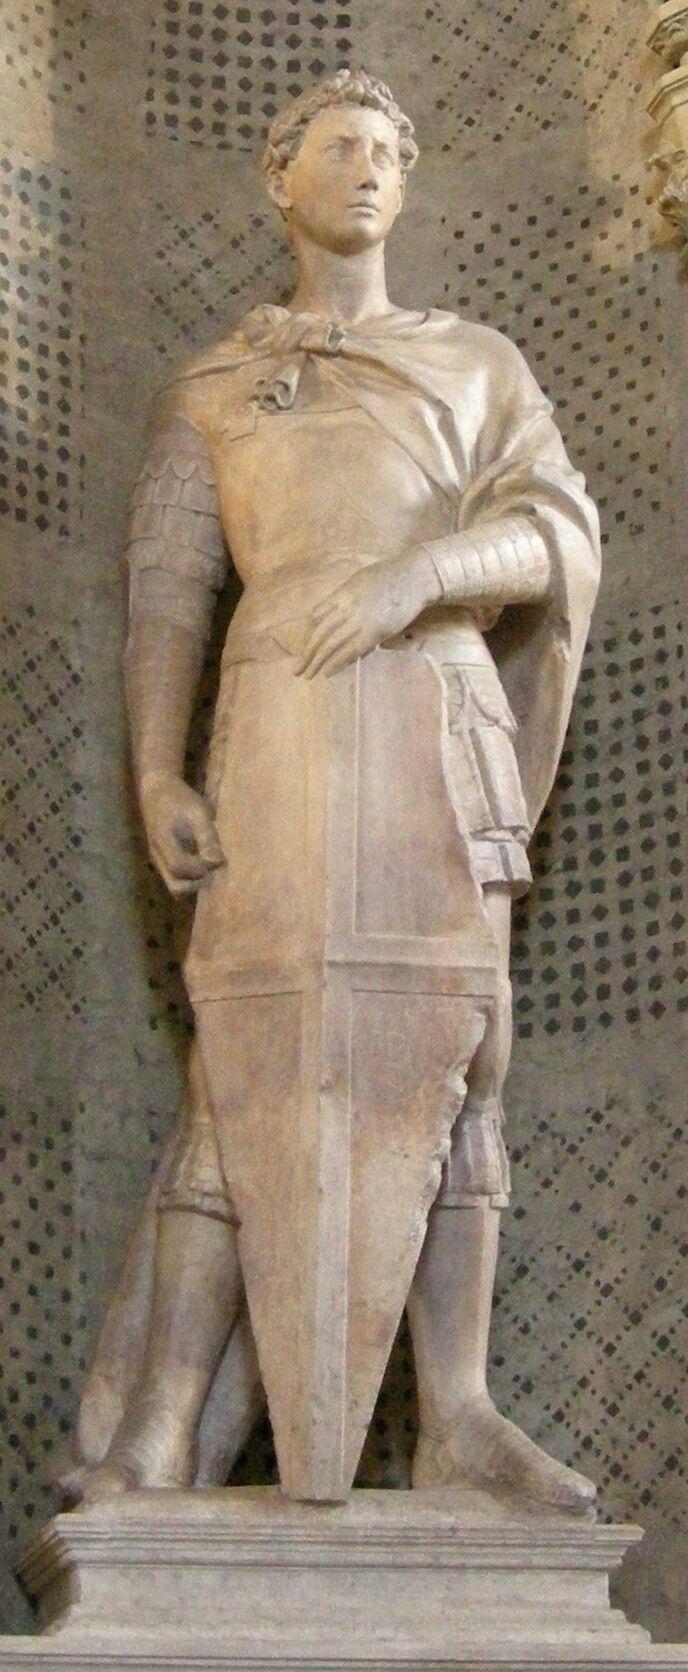 San Giorgio AutoreDonatello, Data1415-1417, Materialemarmo, Altezza209 cm, UbicazioneMuseo Nazionale del Bargello, Firenze